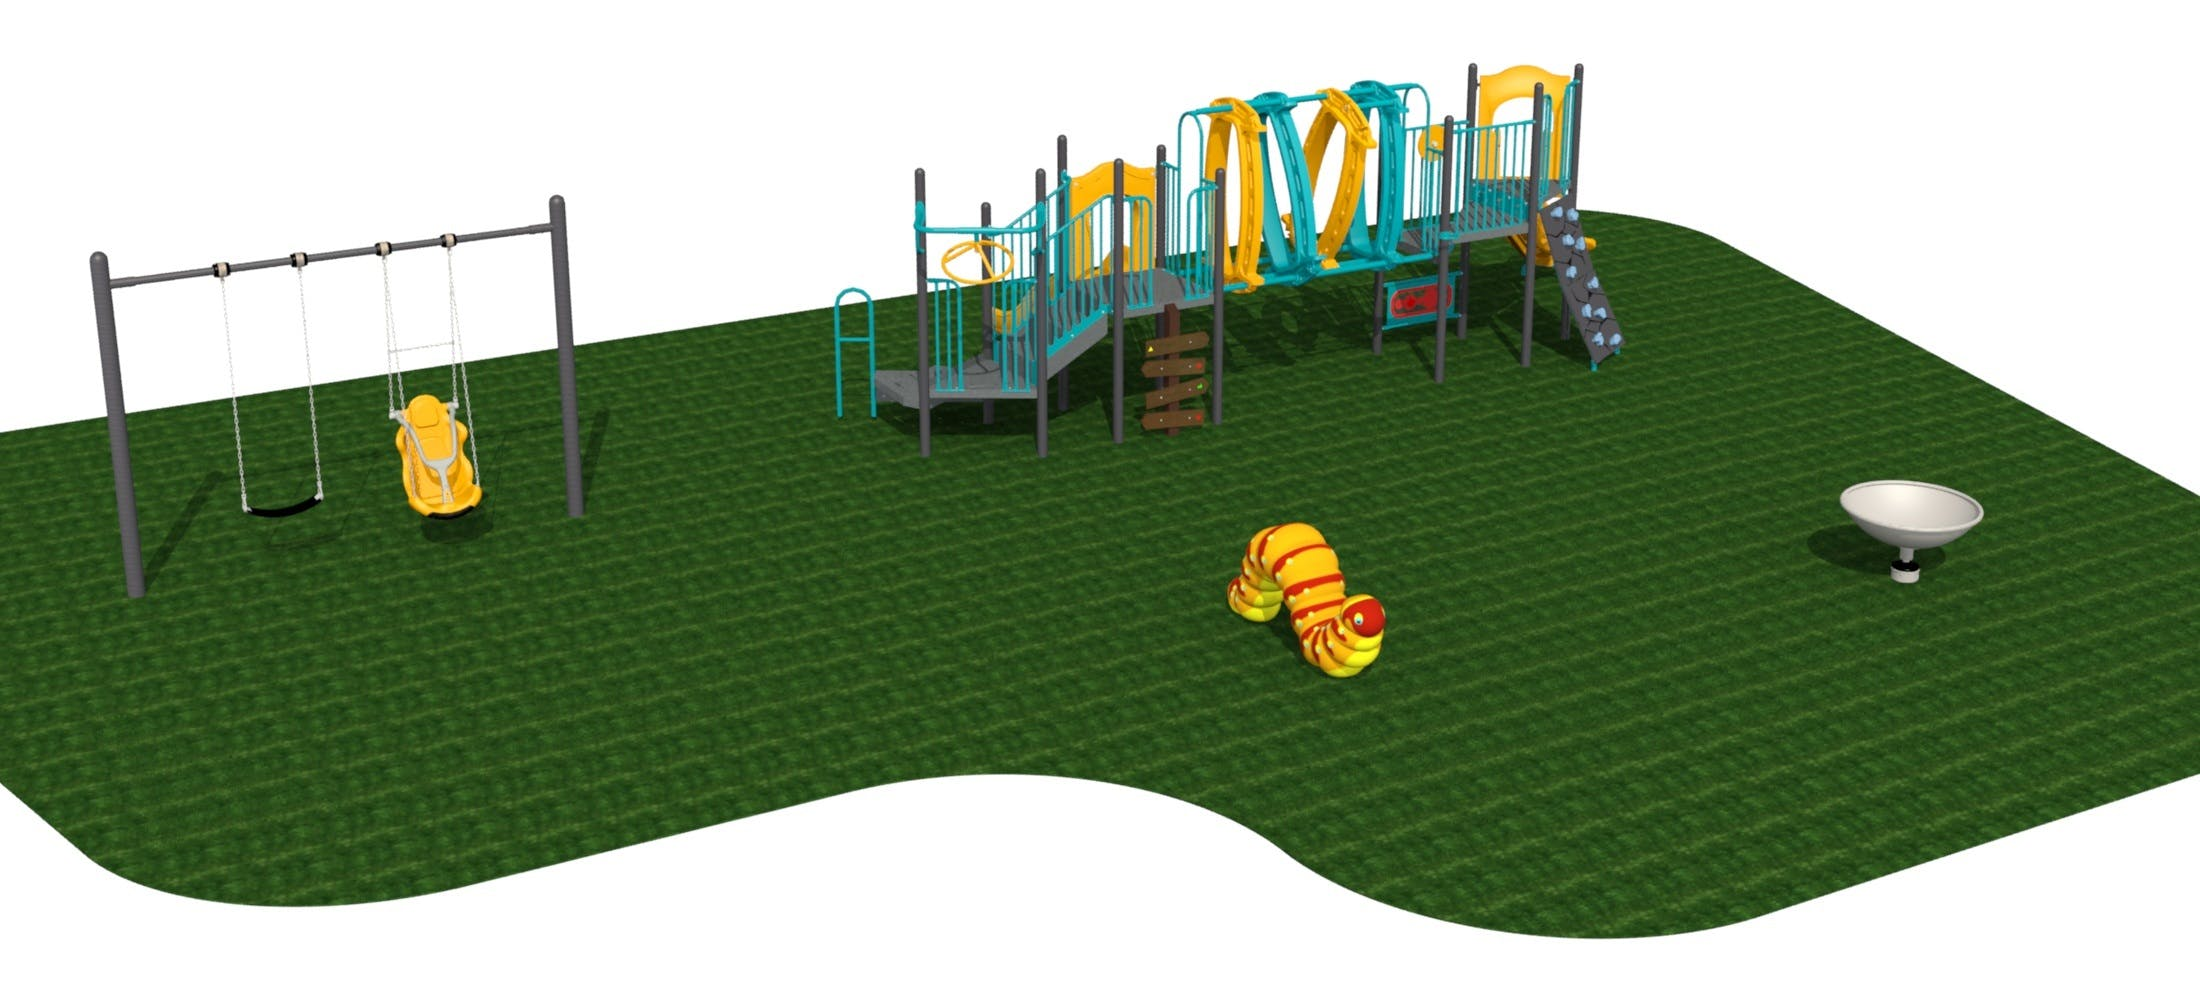 Alexander Park Playground Rendering